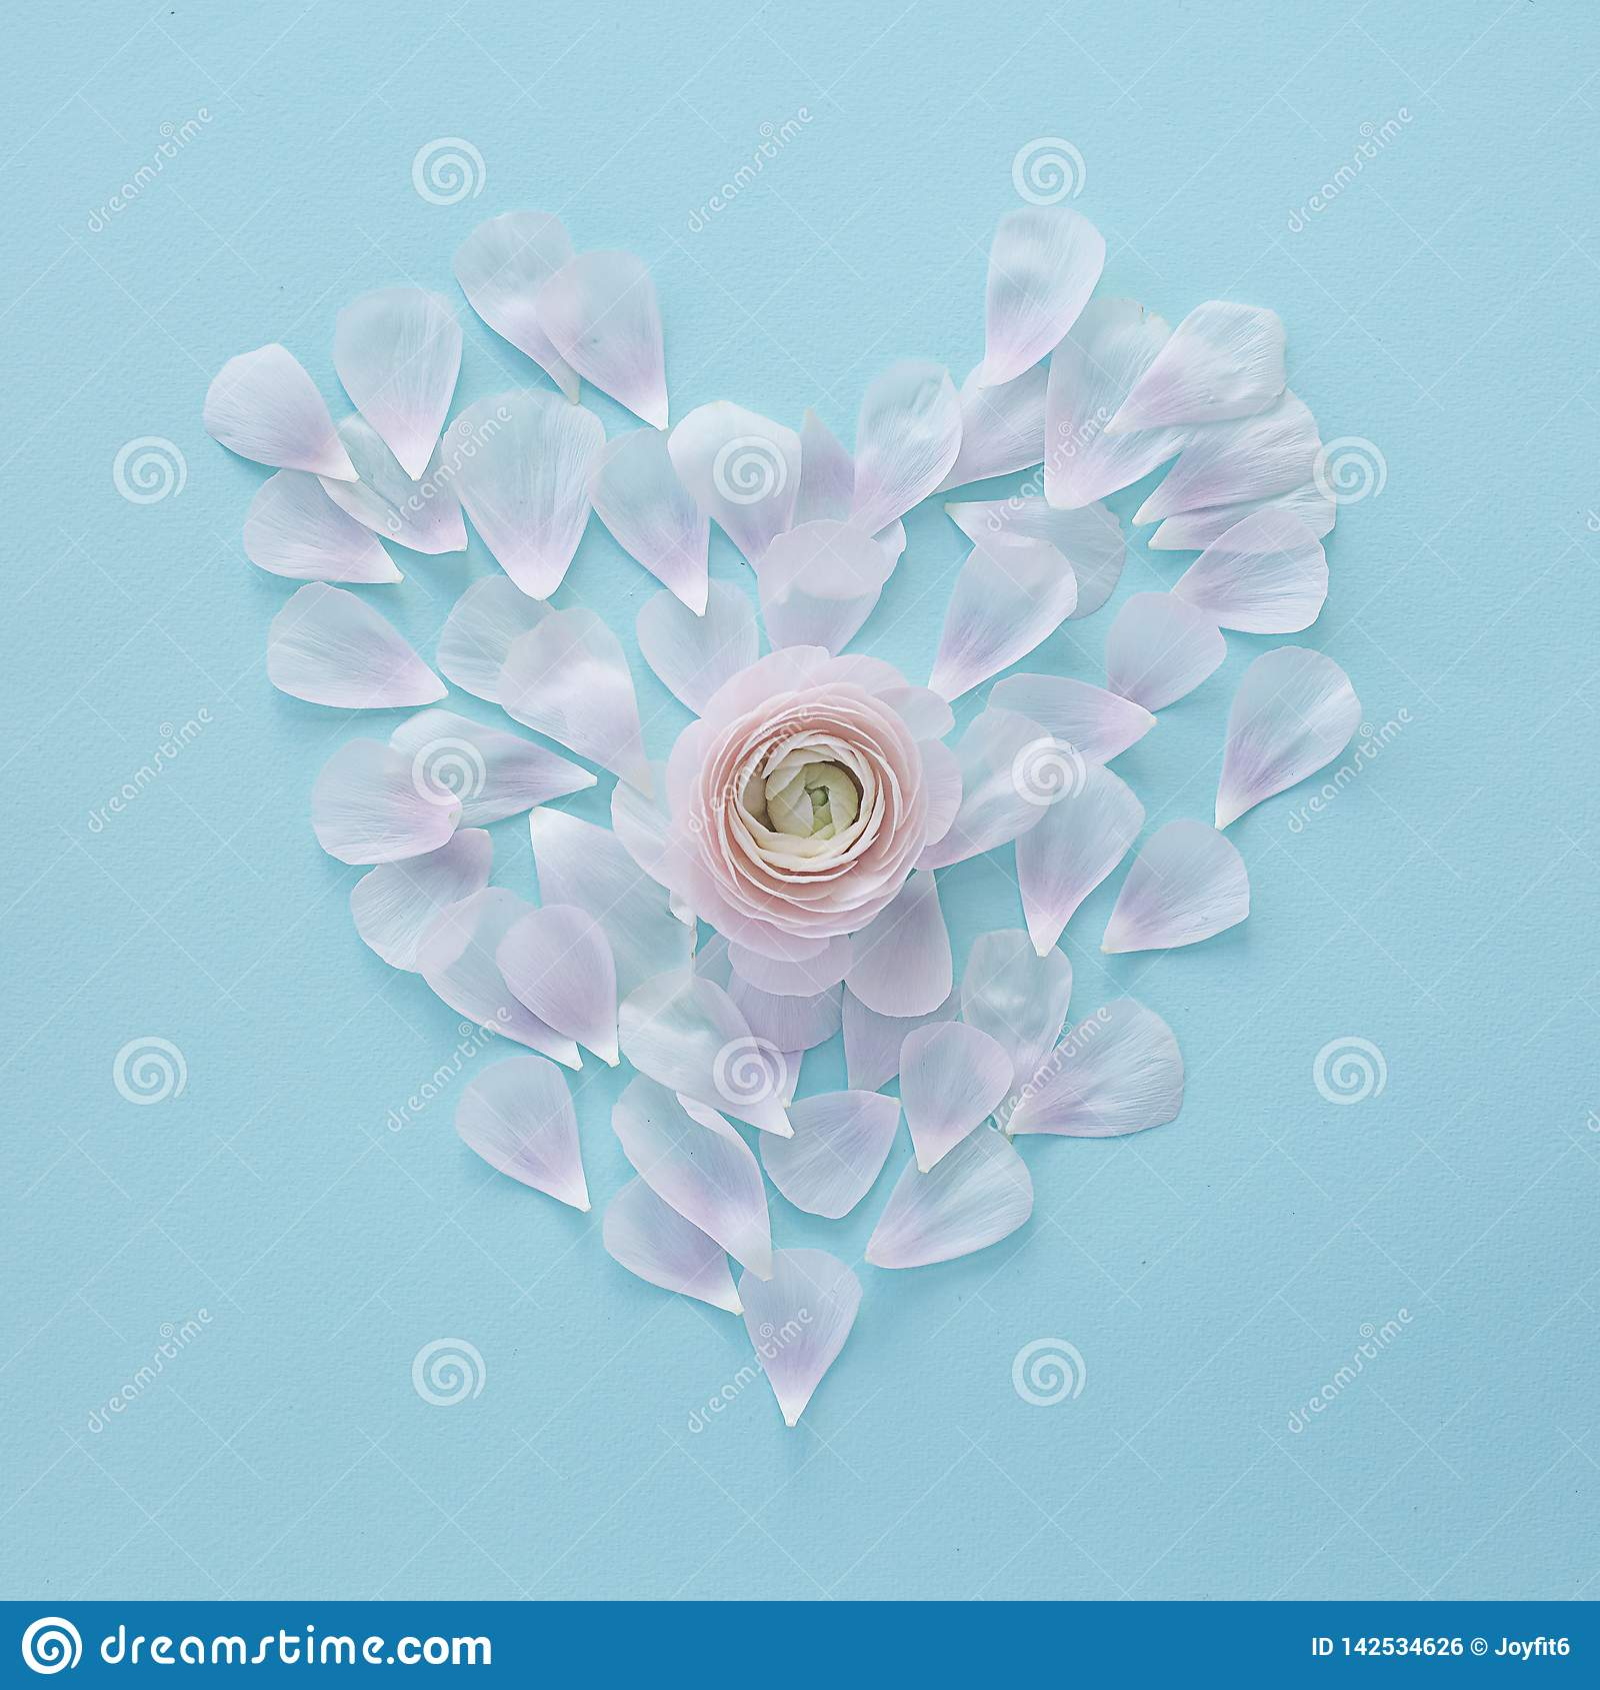 Coeur des pétales rose-clair sur un fond de texture carré bleu-clair avec une fleur au centre